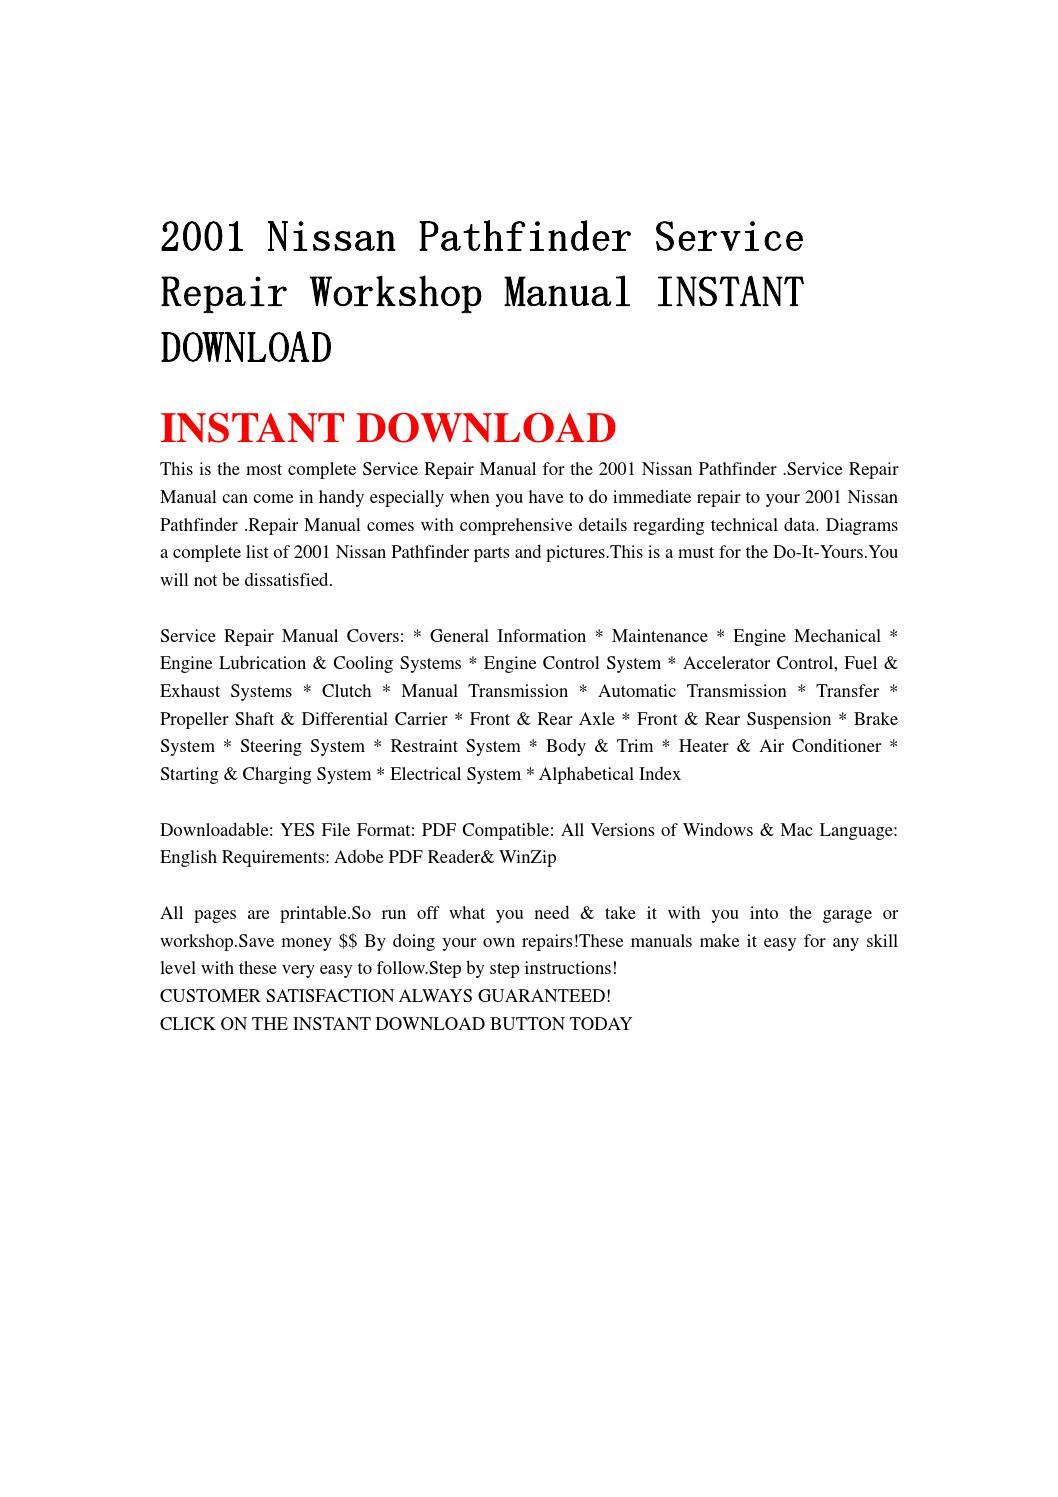 2001 nissan pathfinder service repair workshop manual. Black Bedroom Furniture Sets. Home Design Ideas